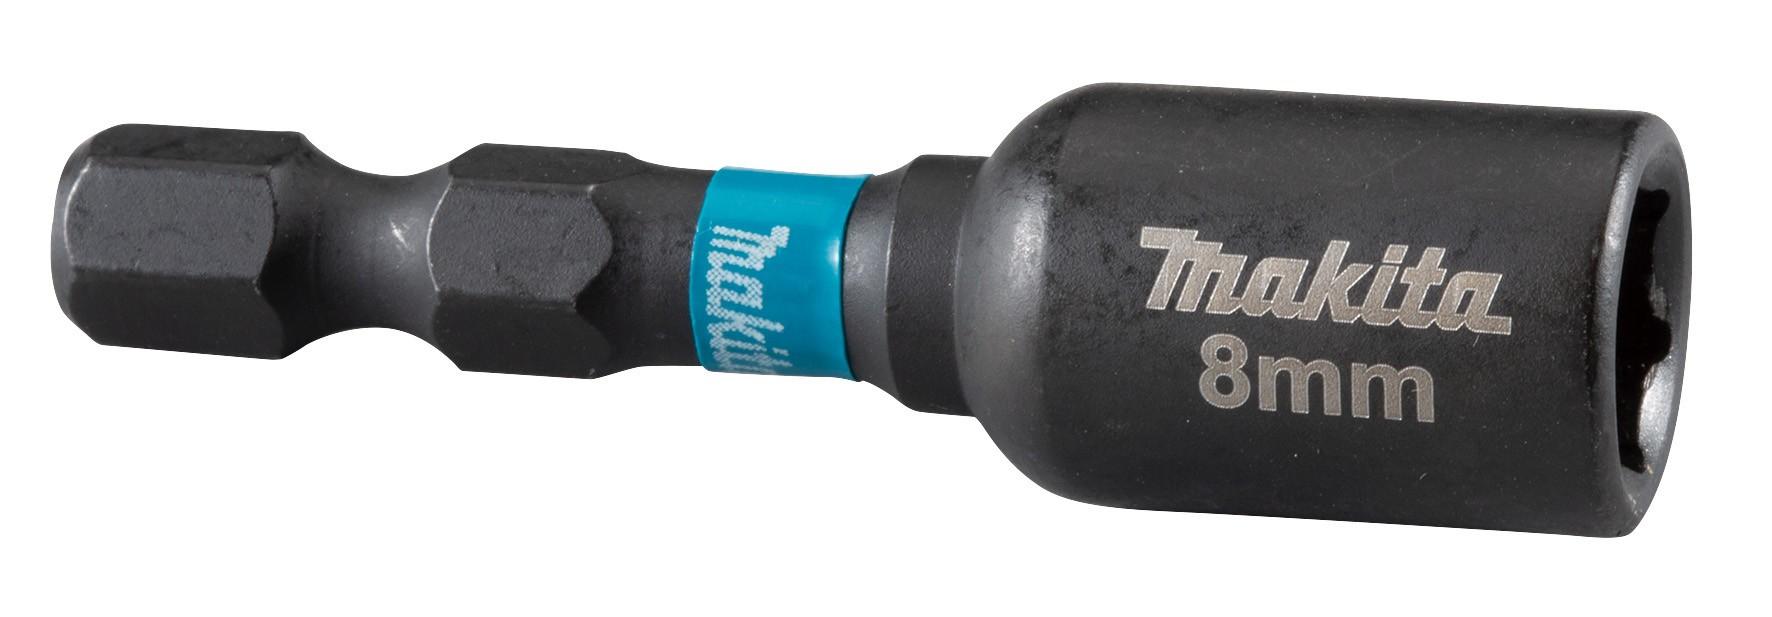 Soquete Magnetico 8 mm X 50 MM B-66830 Makita